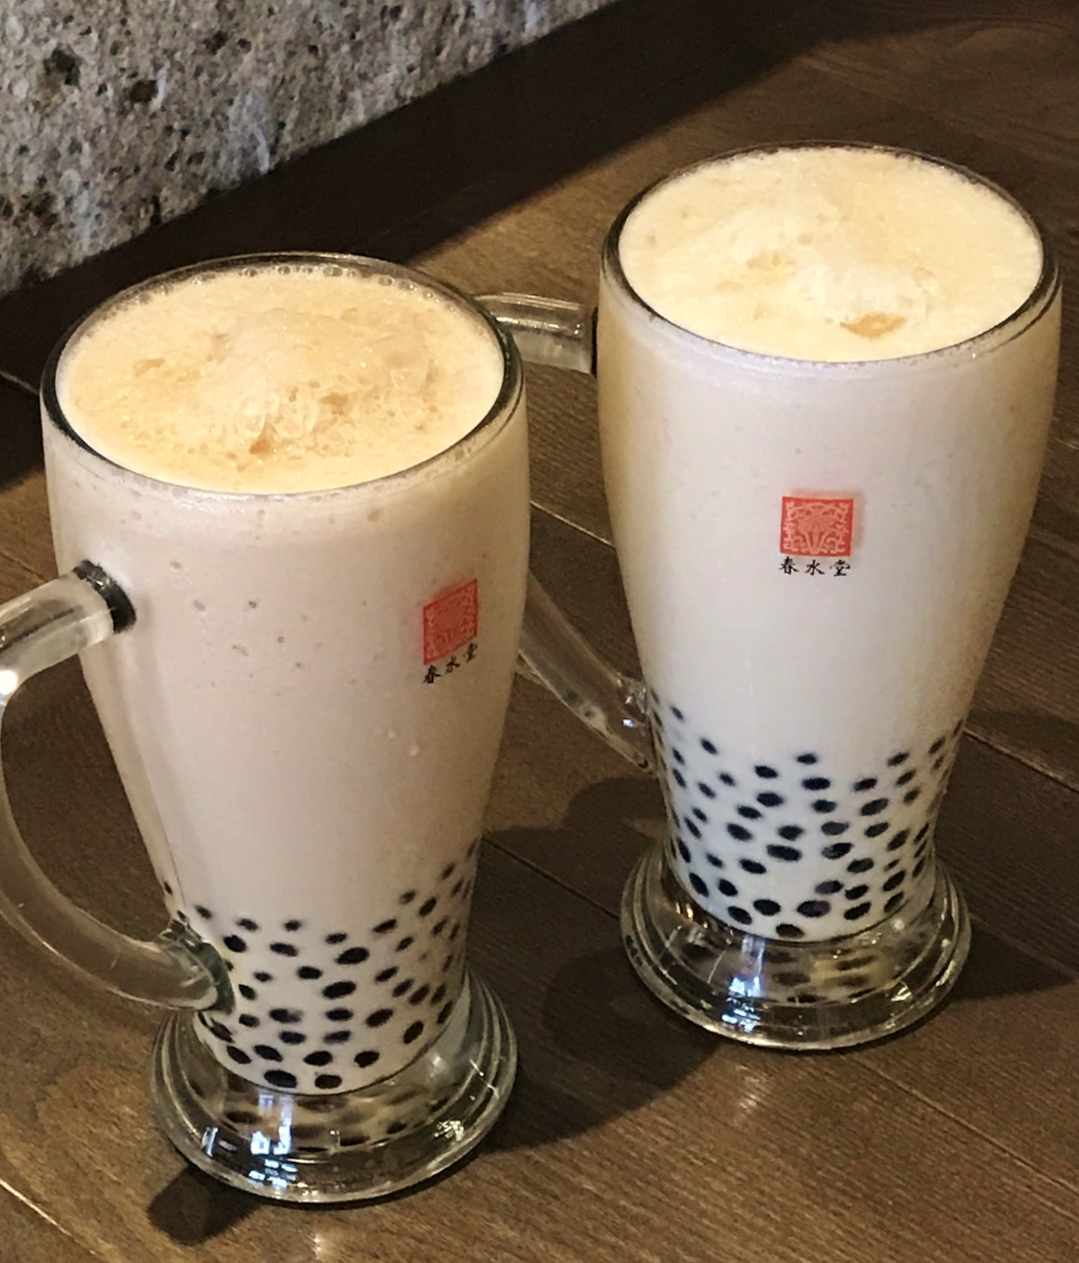 「グランフロント大阪店」の限定商品『メガタピオカミルクティー』